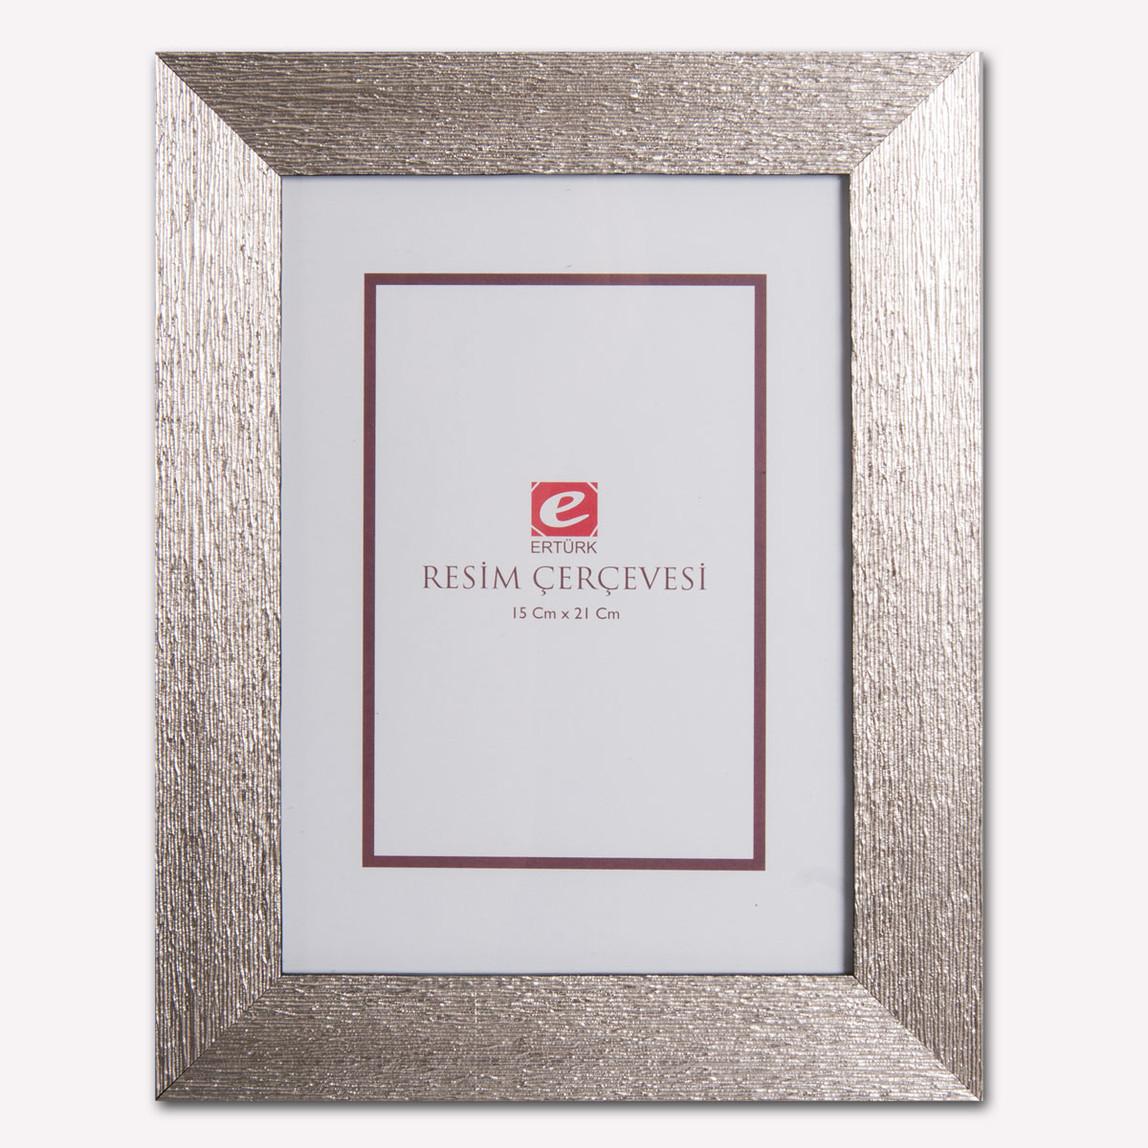 15x21 cm Gümüş Ağaç Kabuğu Resim Çerçevesi